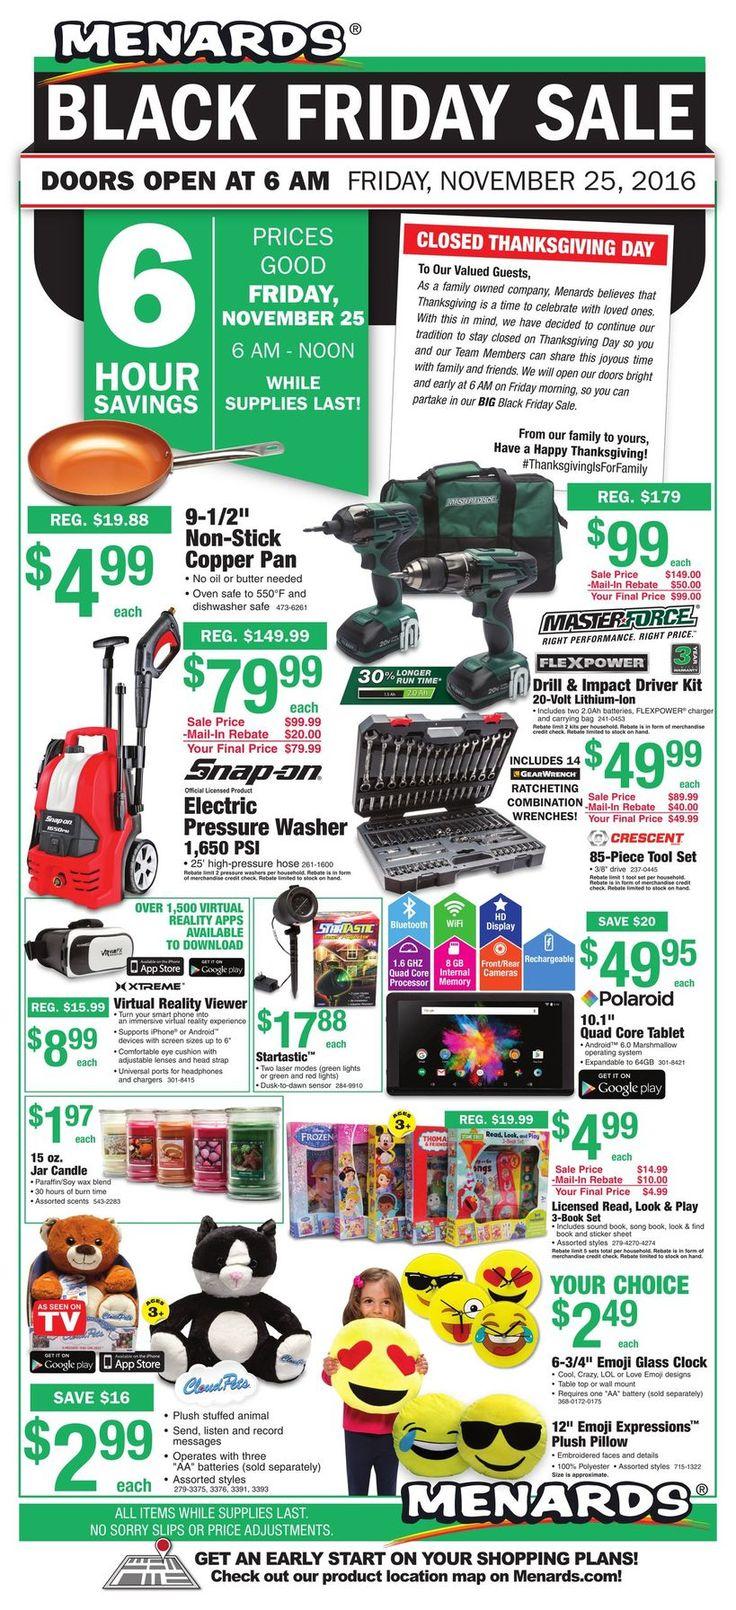 Menards Black Friday Ad - http://www.hblackfridaydeals.com/menards-black-friday-deals-sales-ads/